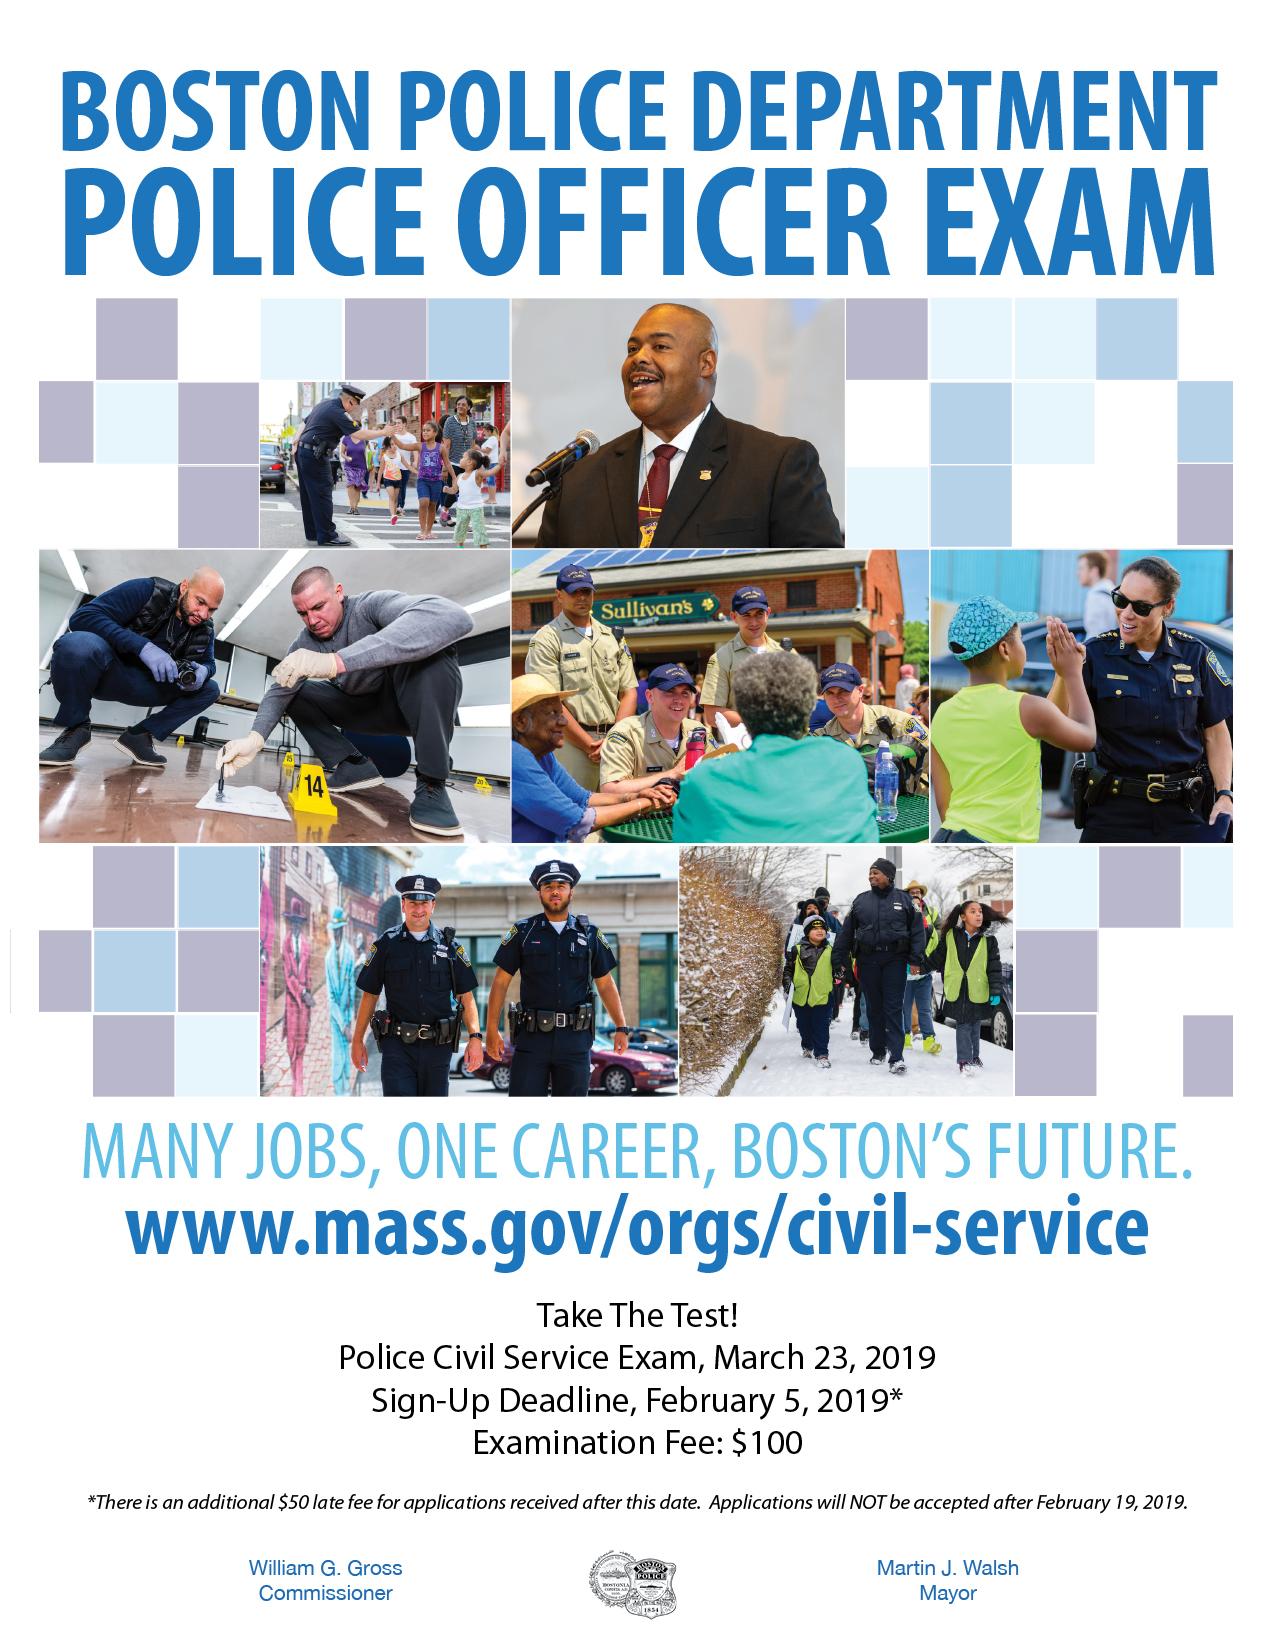 2019 Police Exam Poster LTR.jpg